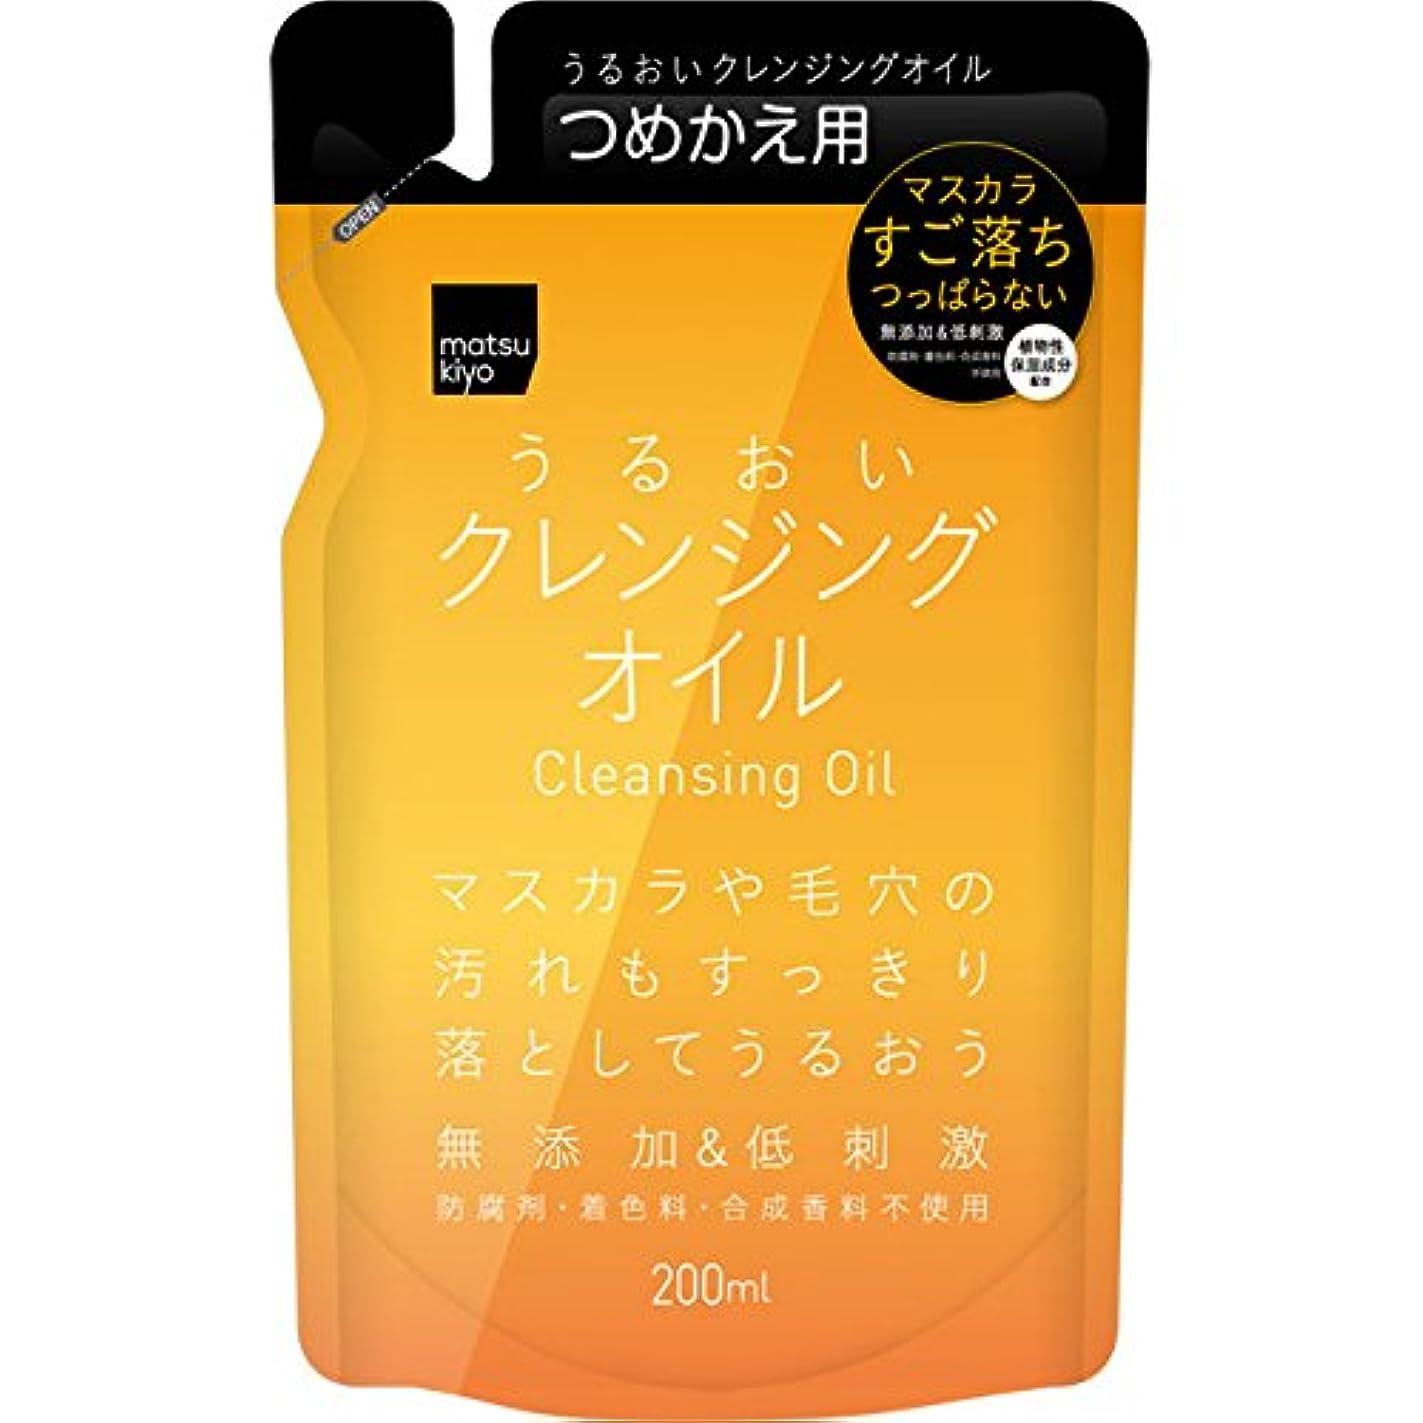 垂直発火する病院matsukiyo うるおいクレンジングオイル 詰替 200ml詰替